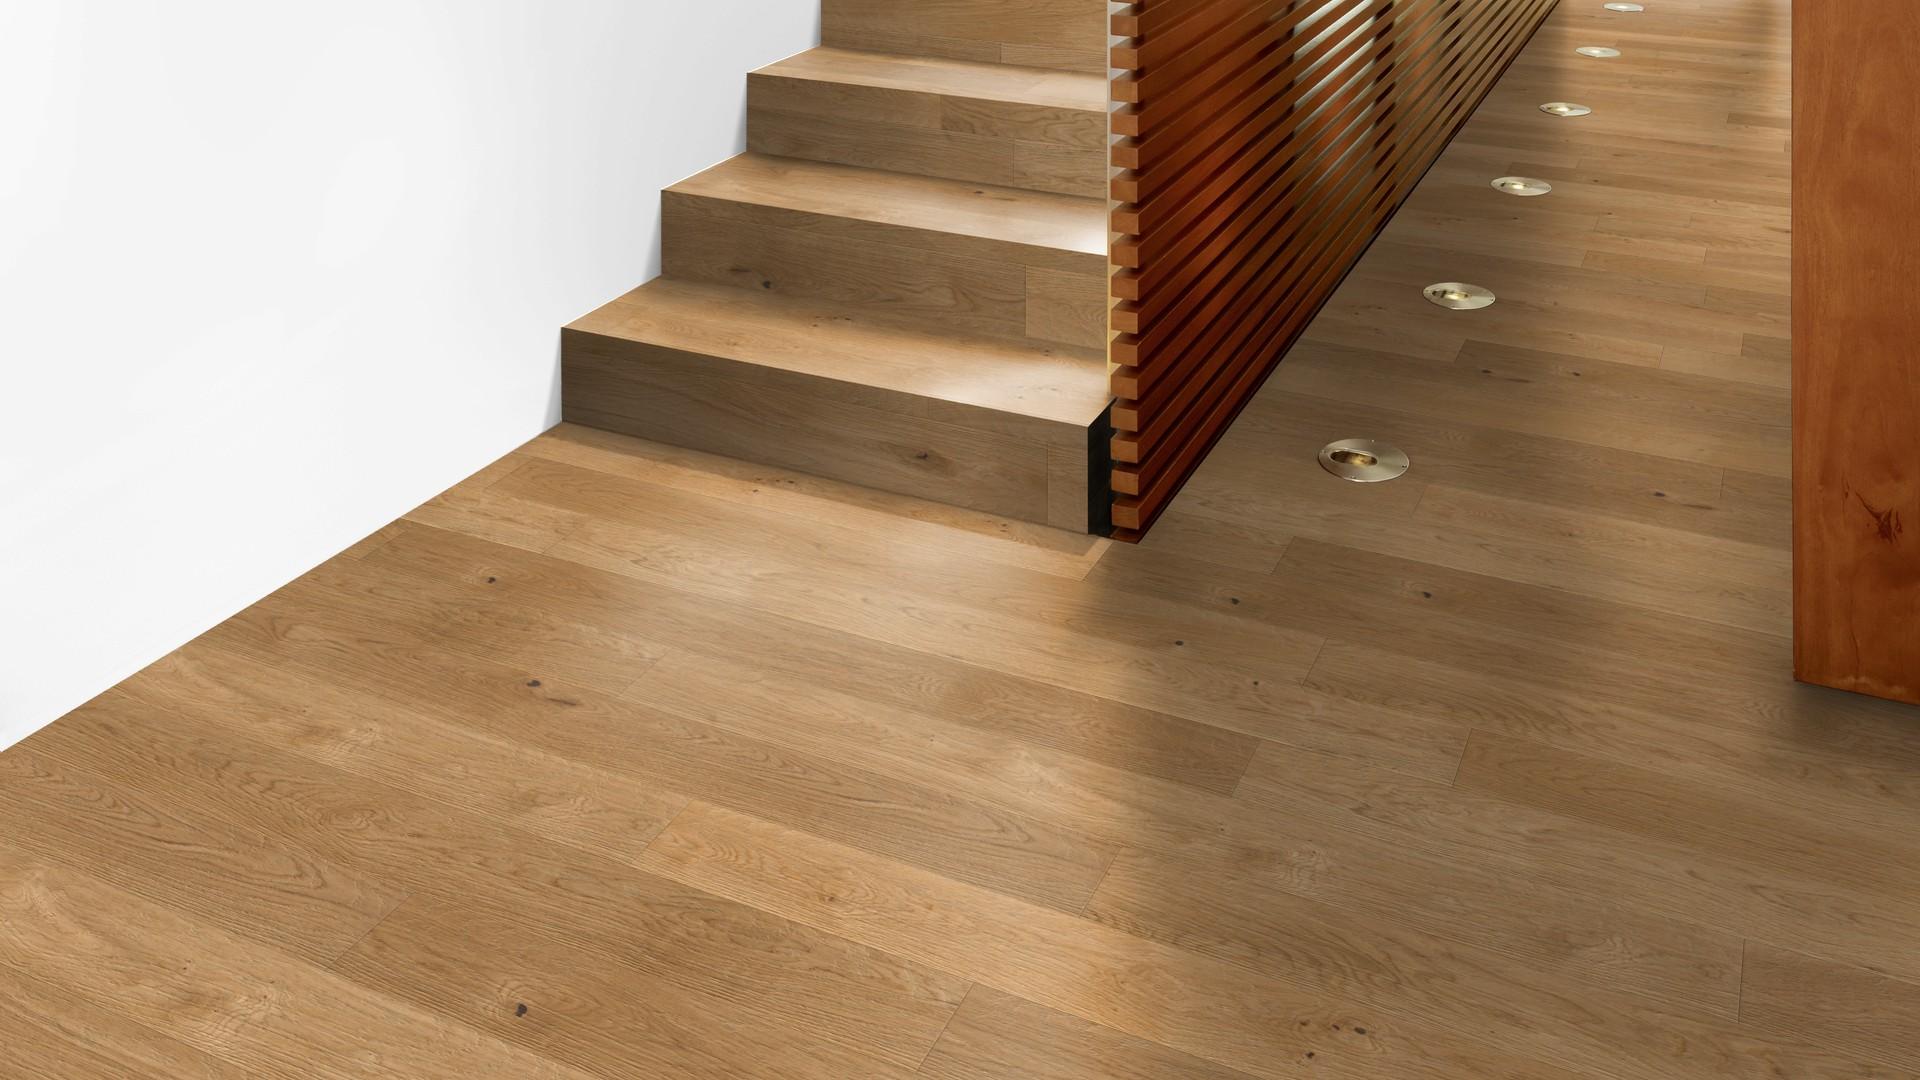 wp 4140 eiche lebhaft stark geb rstet gefast provital finish 42046 weitzer parkett. Black Bedroom Furniture Sets. Home Design Ideas